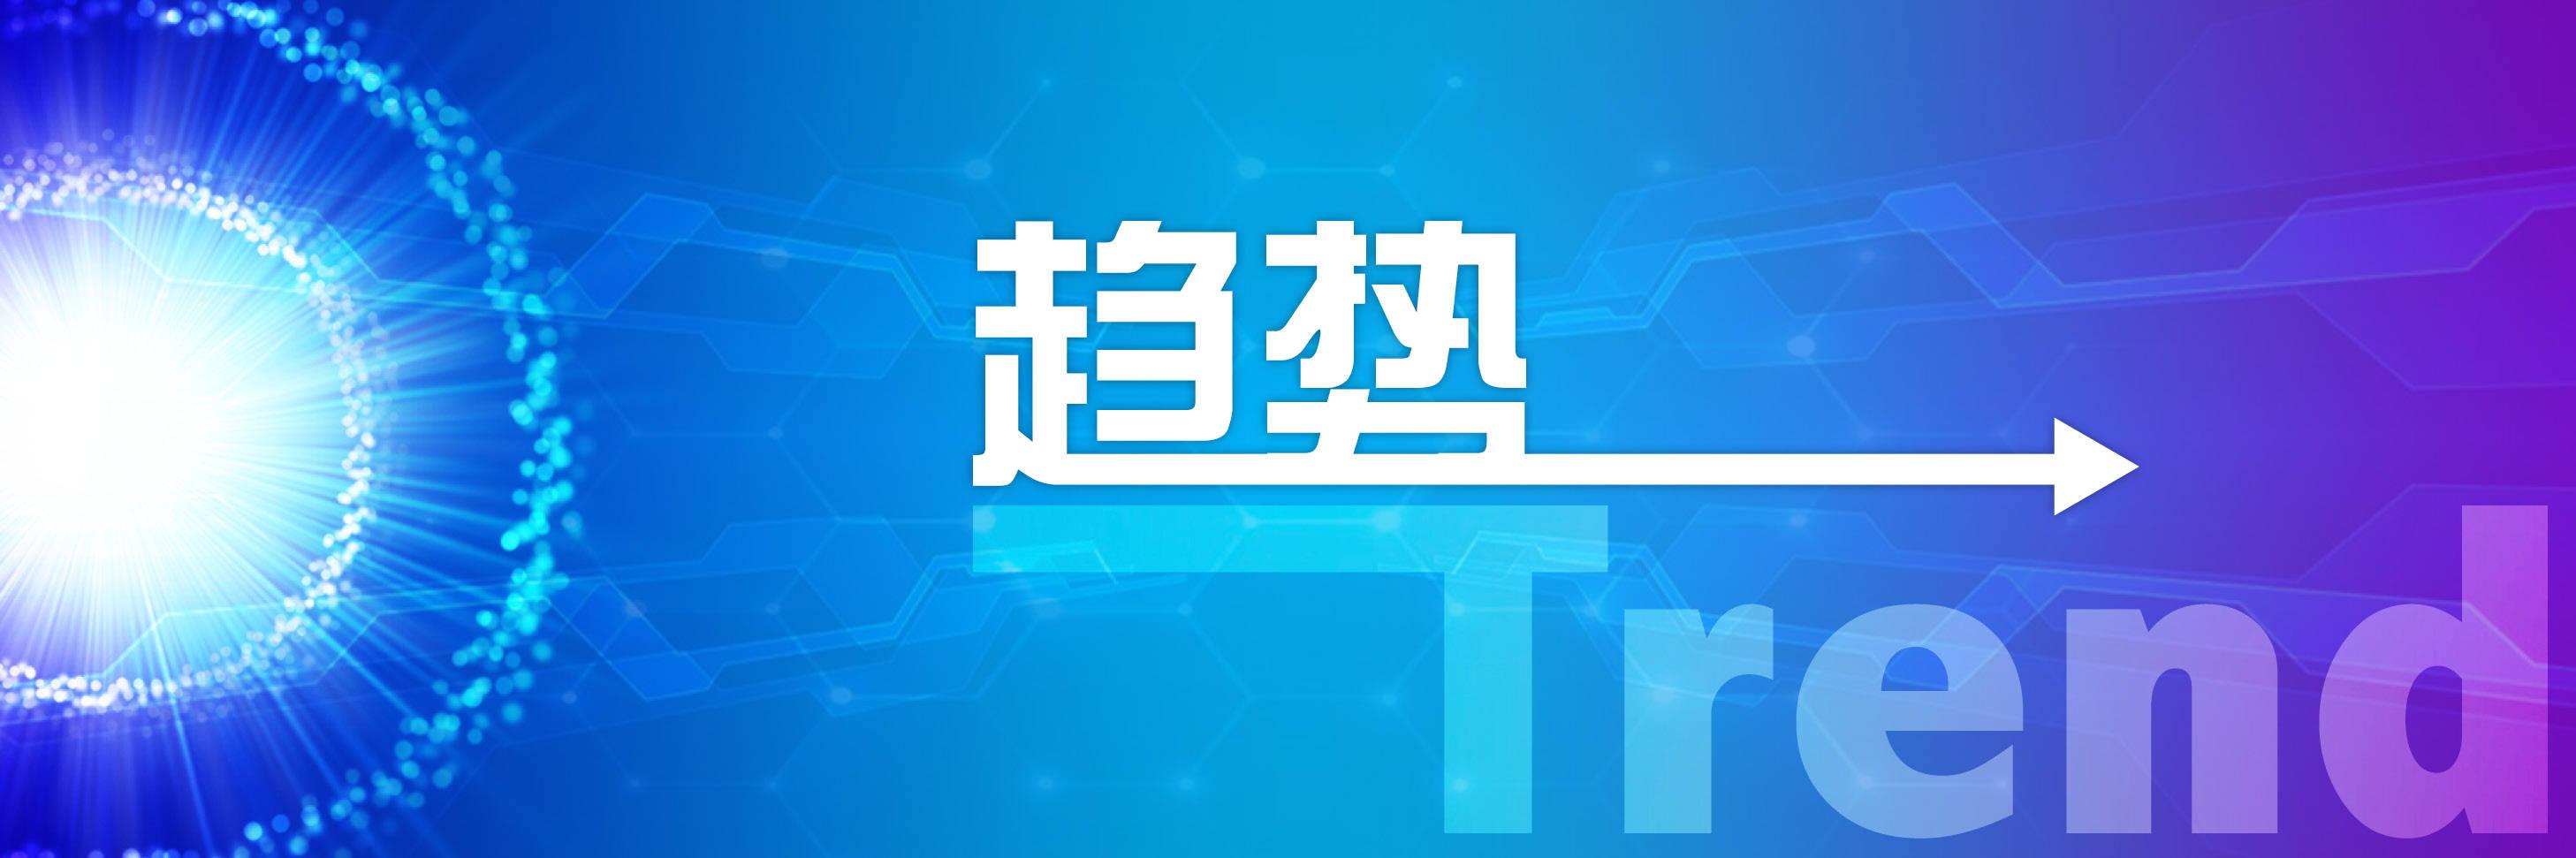 """【产业互联网周报】阿里巴巴132亿元再建云计算中心;腾讯回应""""QQ扫描读取所有浏览器的历史记录"""";IBM中国研究院全面关闭"""